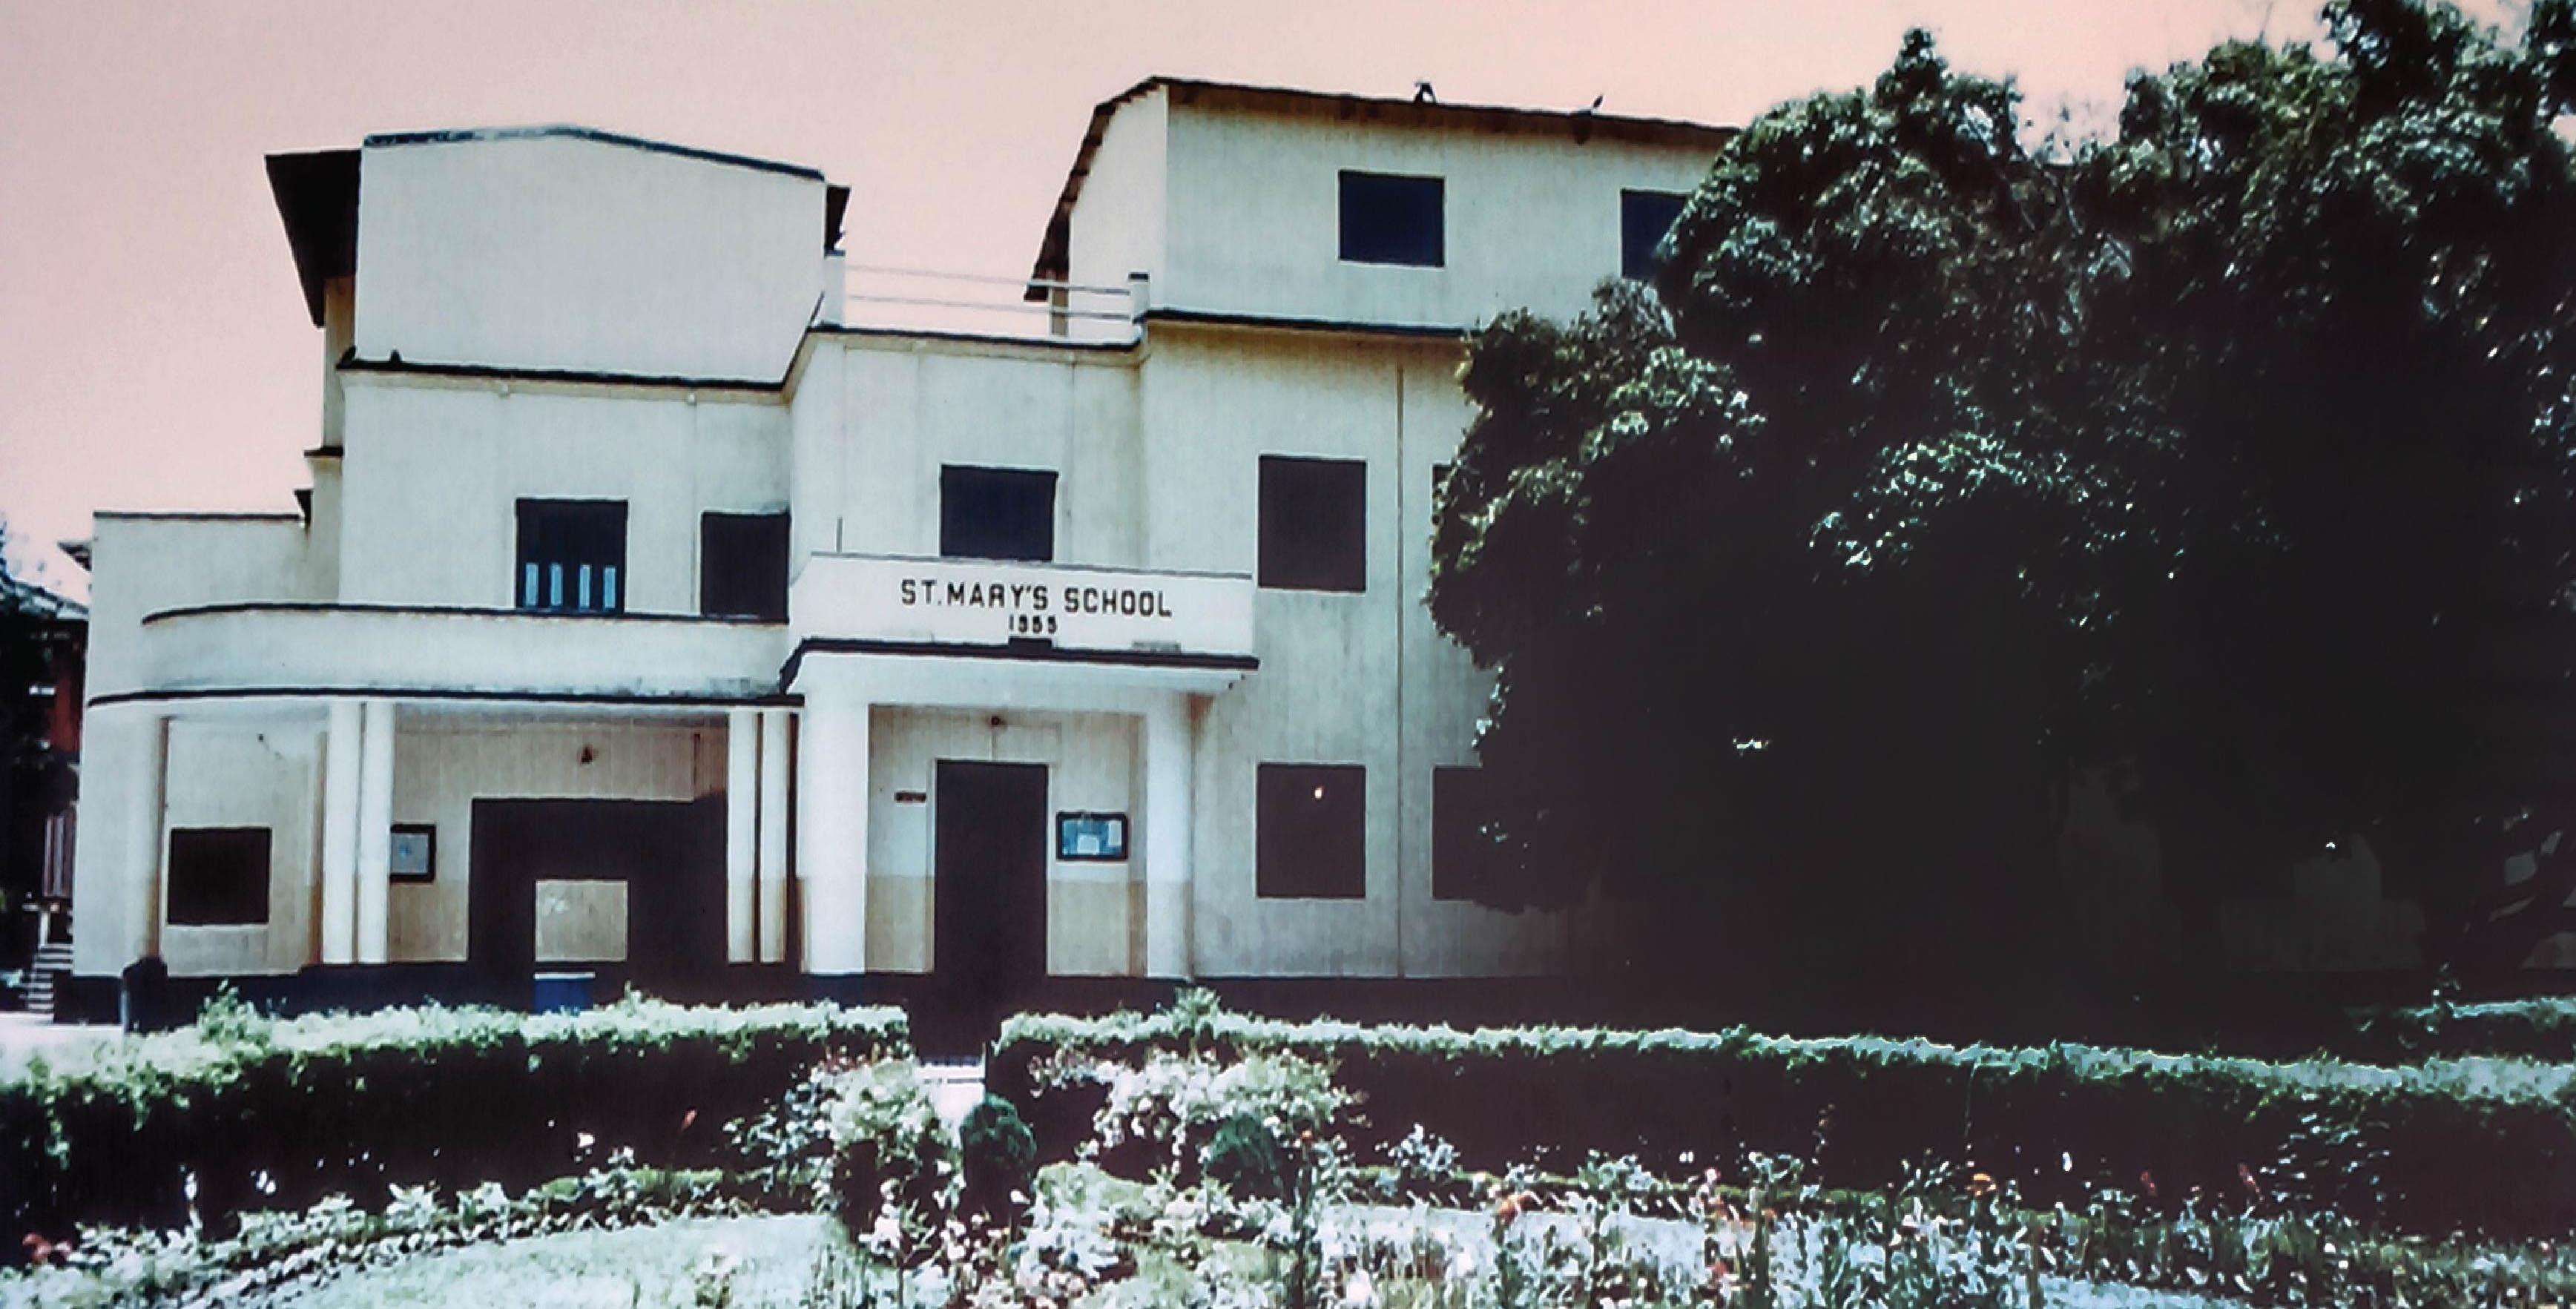 St. Mary's Secondary School